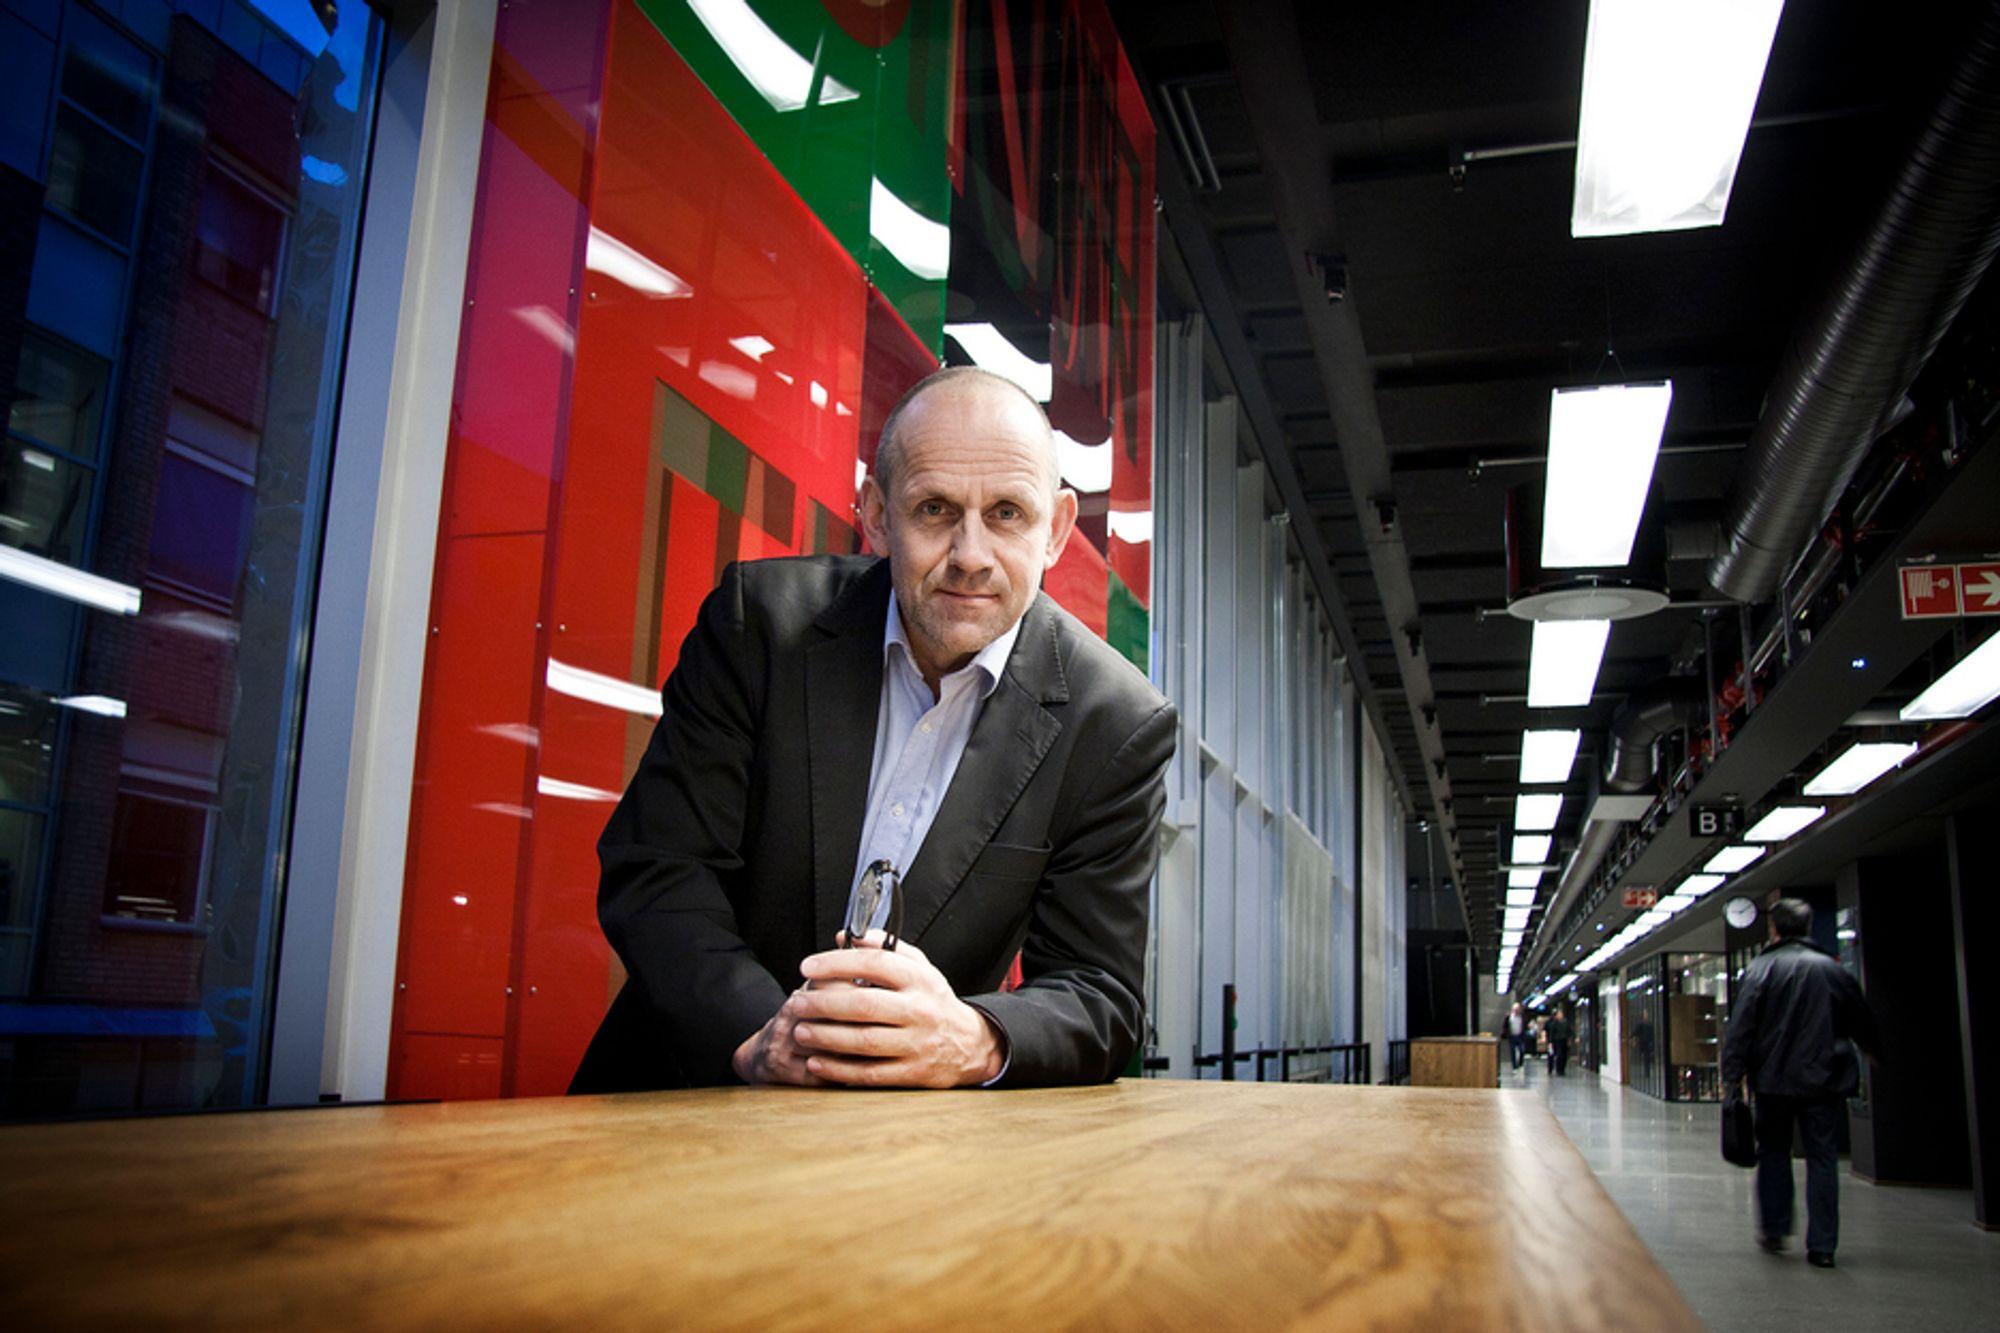 FELLES FRONT: Instituttleder Morten Dæhlen ved UiOs institutt for informatikk har overlevert regjeringen en samlet it-bønn fra UiO, NTNU og Sintef.